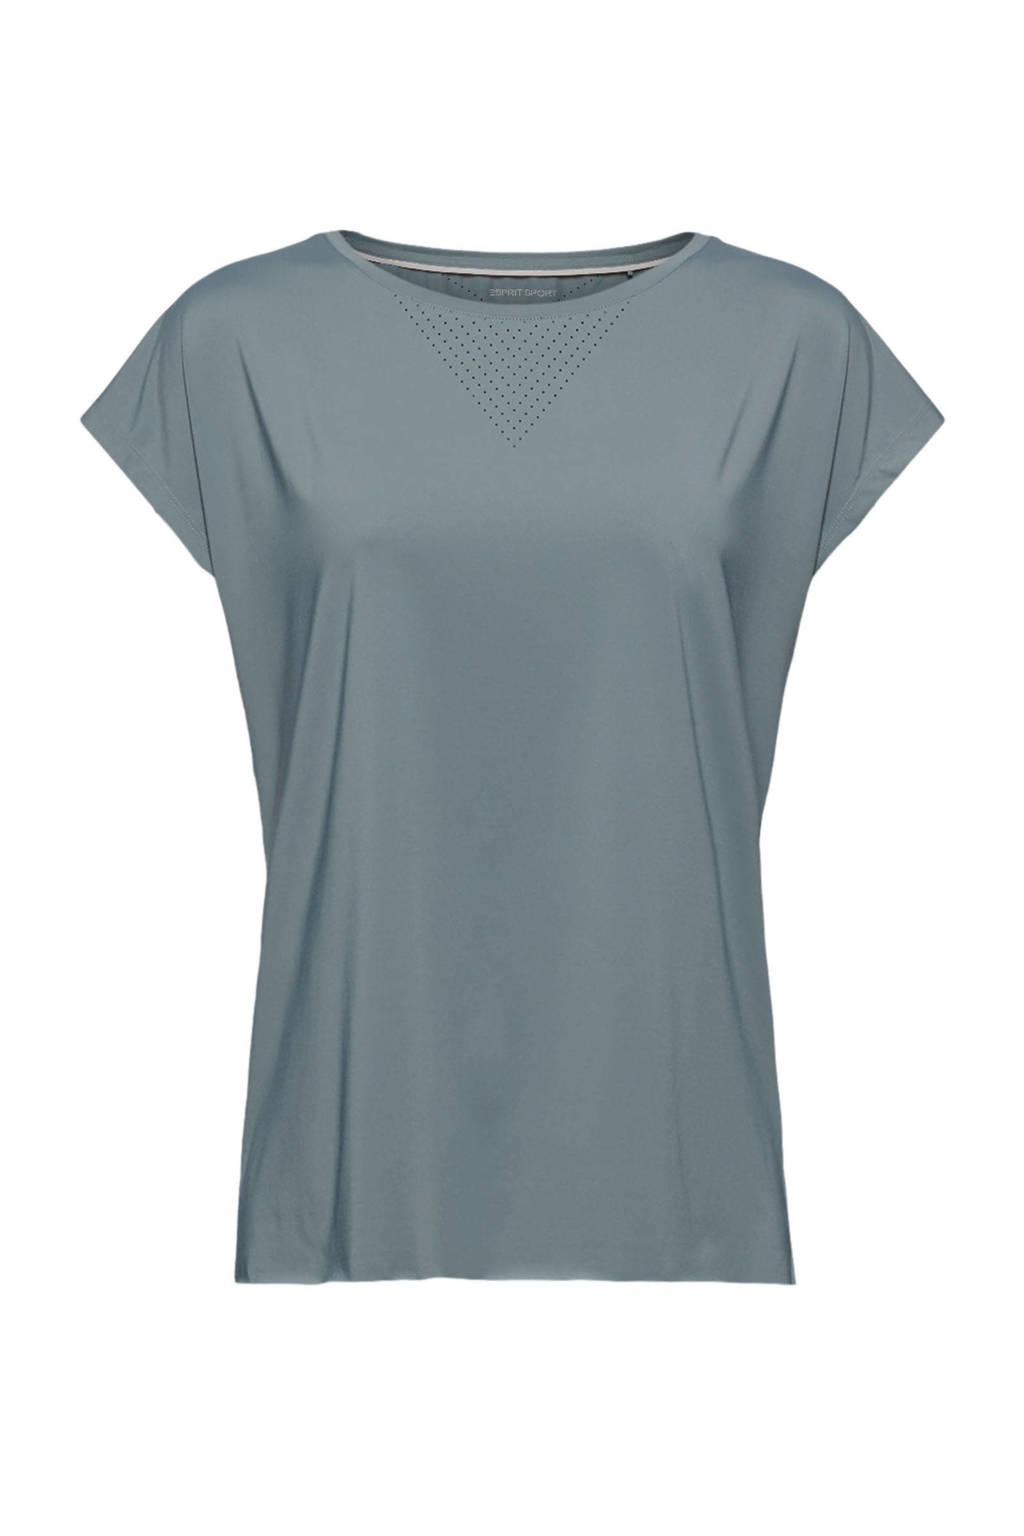 ESPRIT Women Sports sport T-shirt groen, Groen